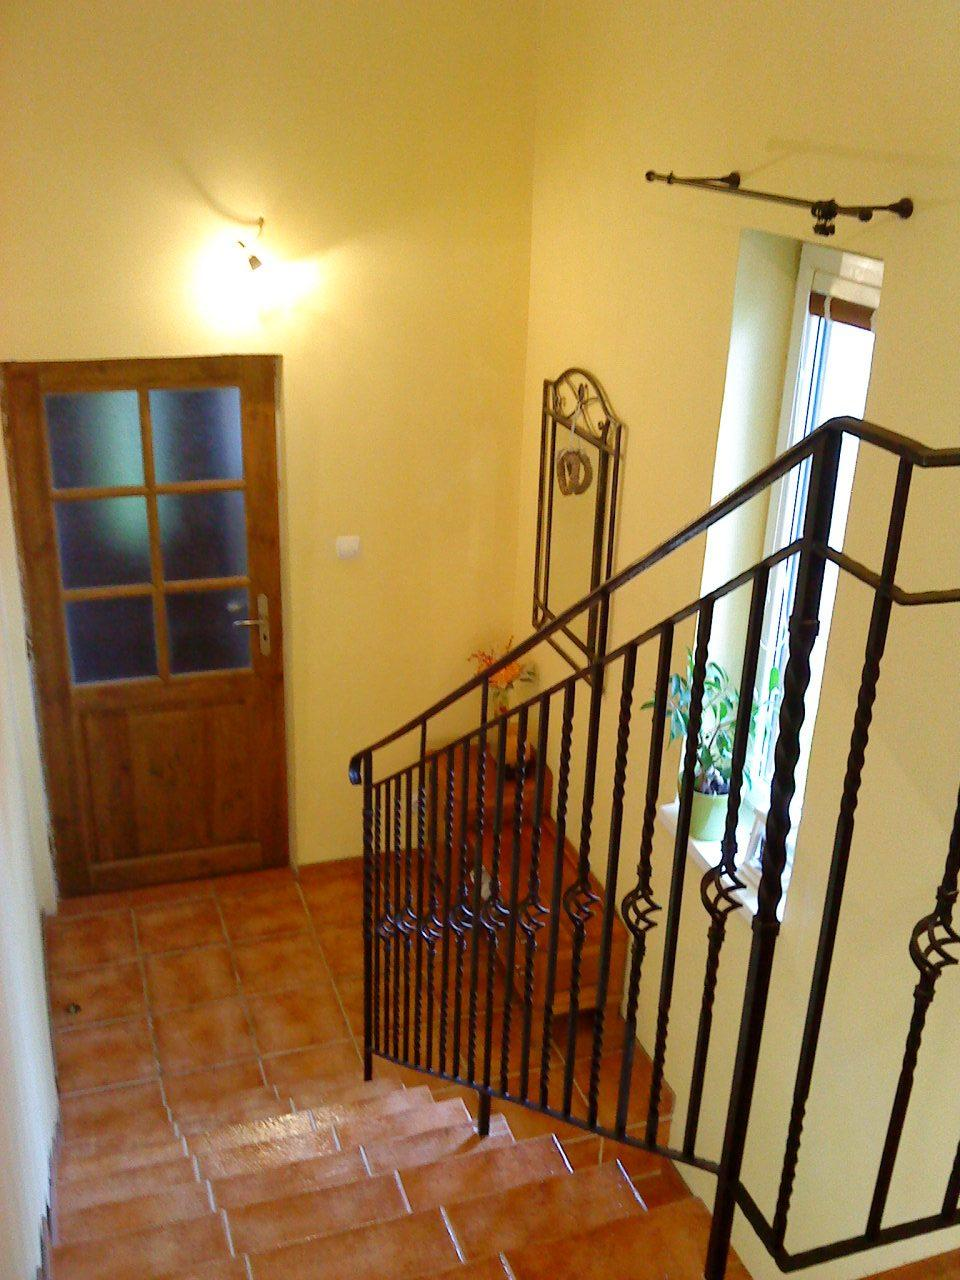 """Naše bývanie - Zábradlie - """"paličky"""" kúpené v Castorame v Poľsku a manžel ich pozváral - vyšlo nás na cca 100 €. Fotka je staršia, už máme aj svetielko kúpené... :-)"""